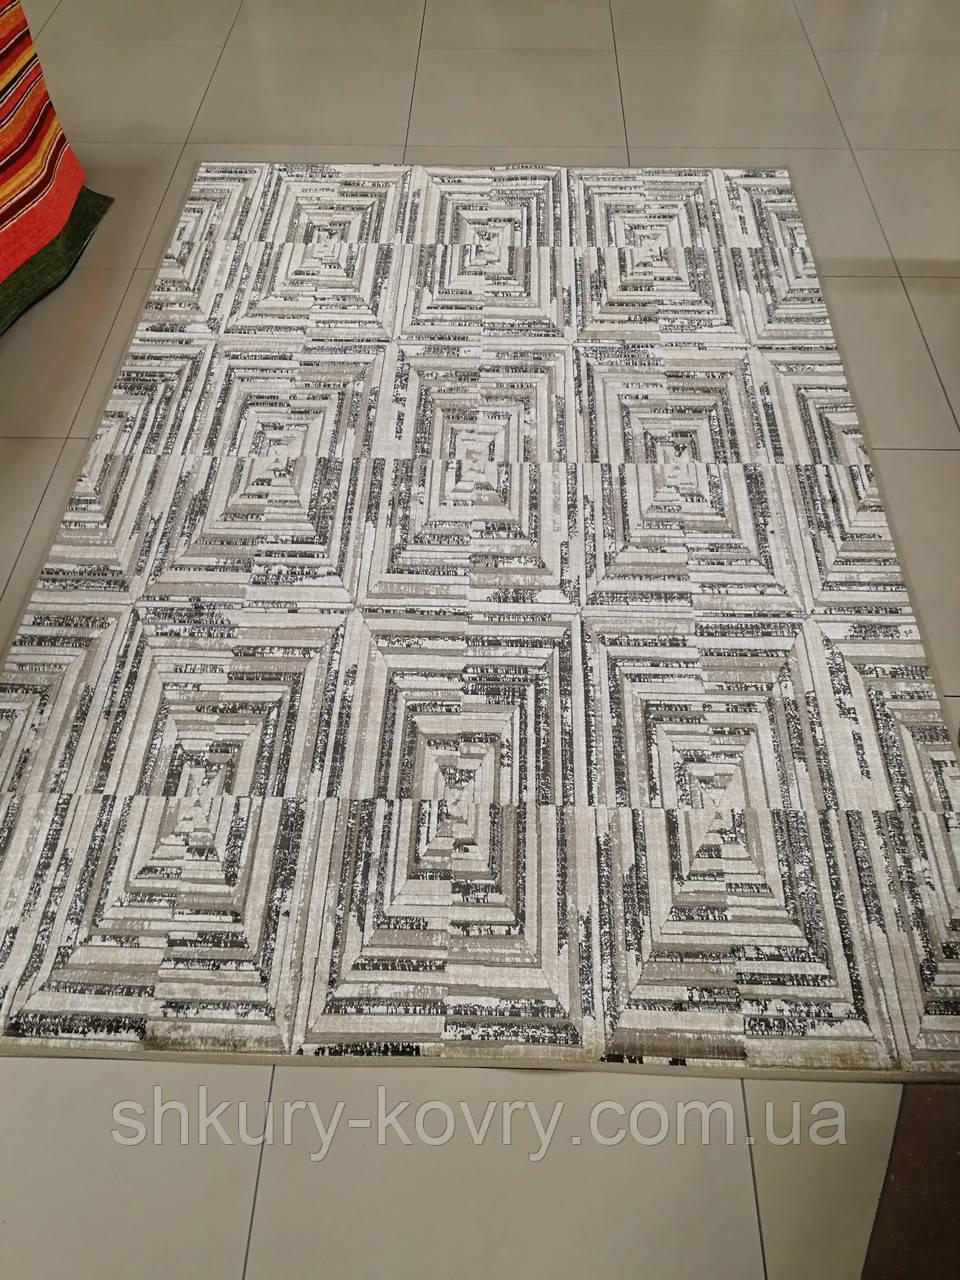 Купить килими в интеренет магазине Киев современный ковер из натуральных материалов